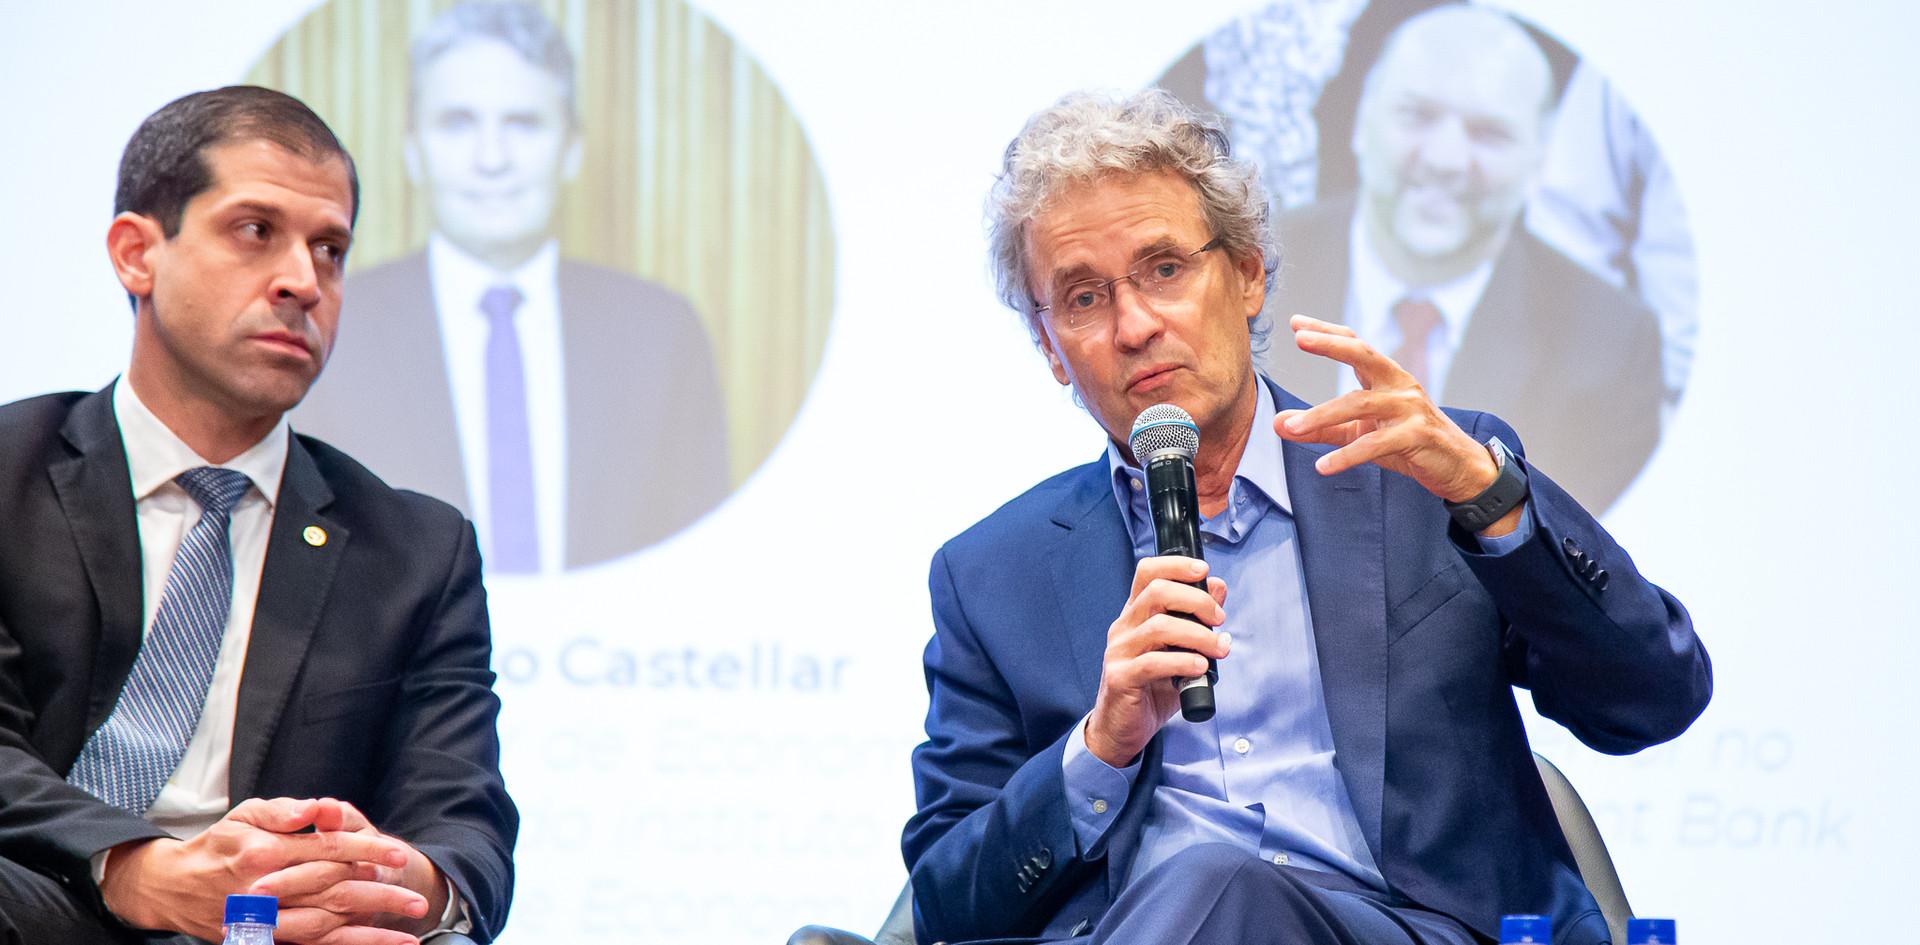 Diogo Mac Cord e Armando Castellas. [da esquerda para direita]